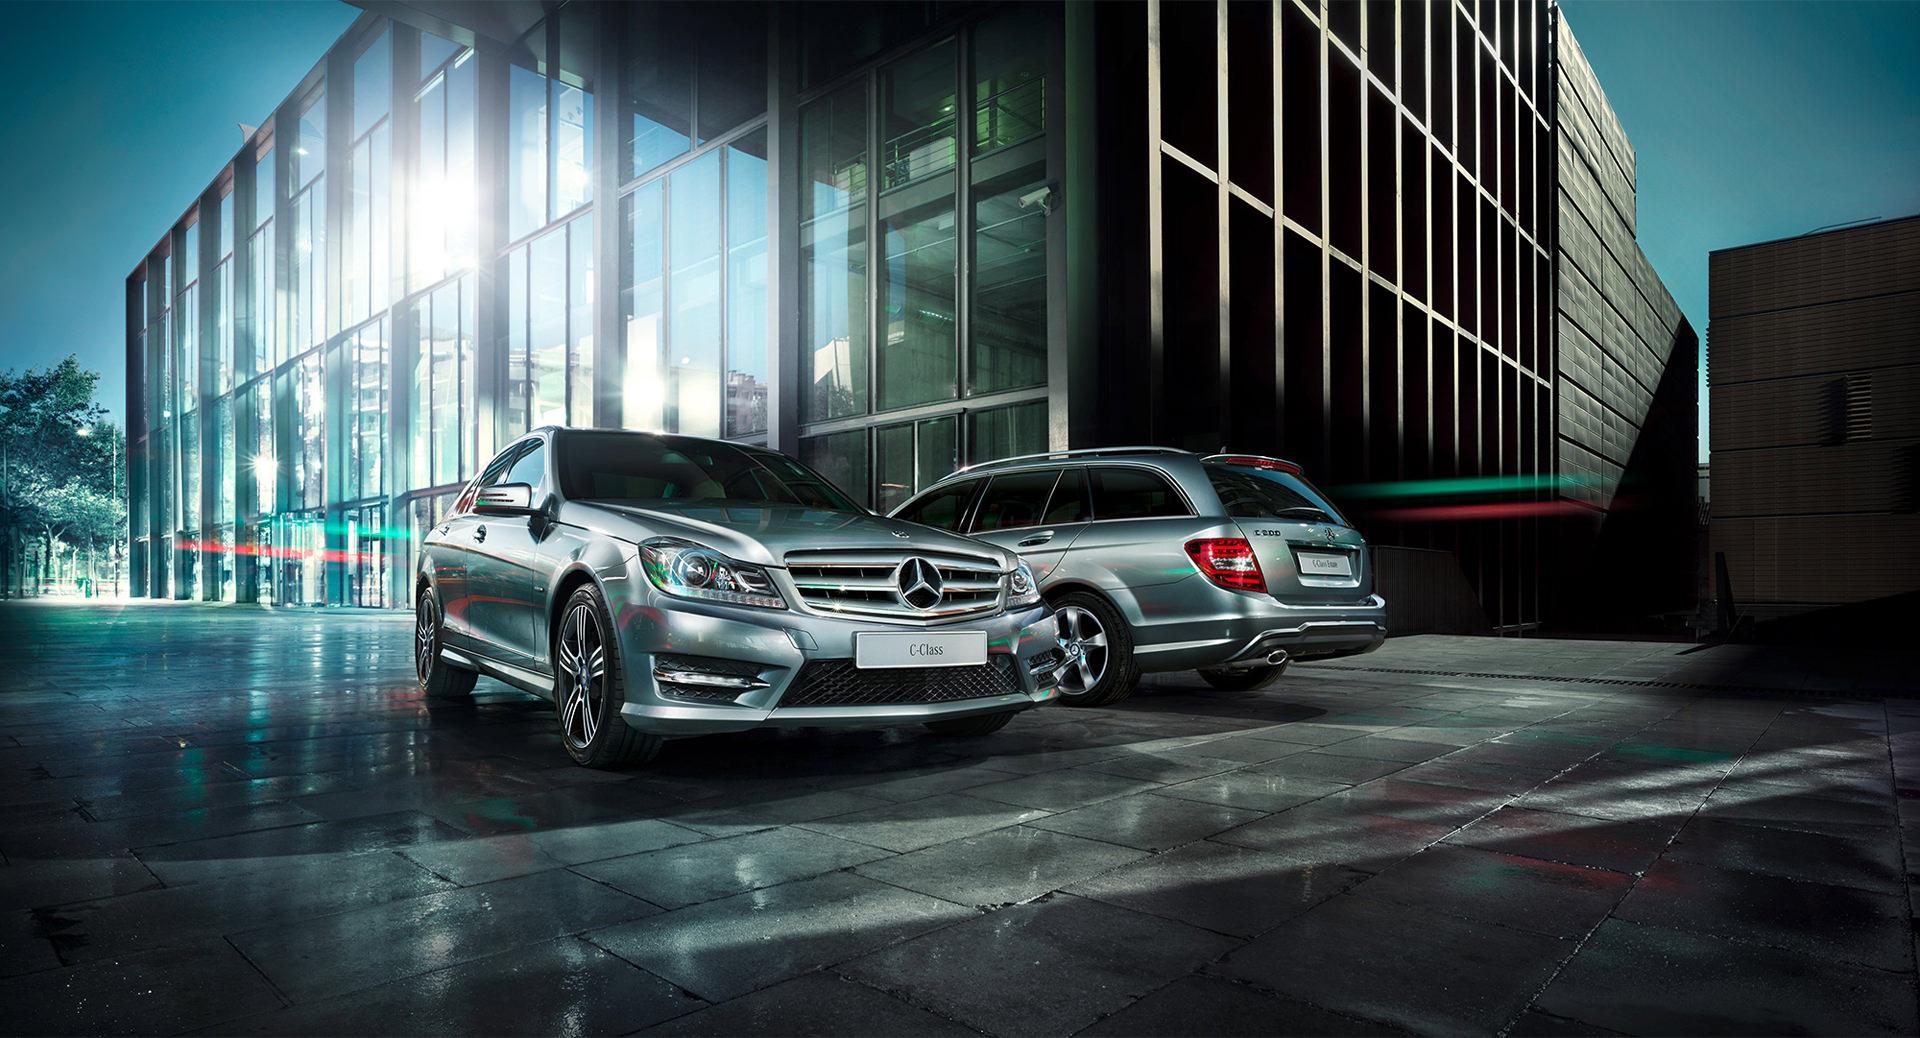 Mercedes-Benz C-Klasse, JvM, anke luckmann, www.ankeluckmann.com, kai tietz, gloss, c class, silver, architecture, business, range